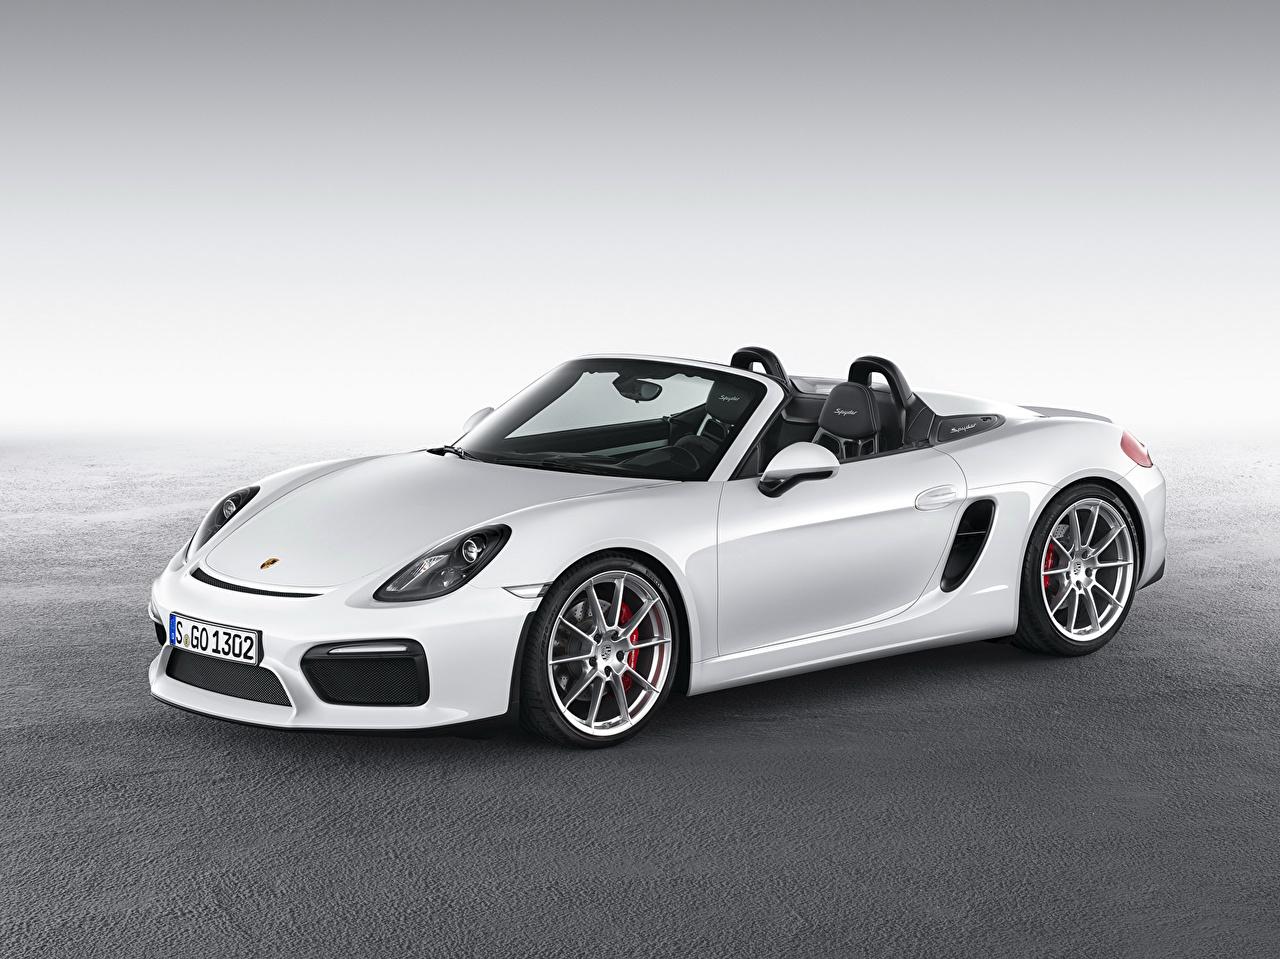 Обои для рабочего стола Porsche 2015 Boxster Кабриолет белых авто Металлик Порше кабриолета белая белые Белый машина машины Автомобили автомобиль